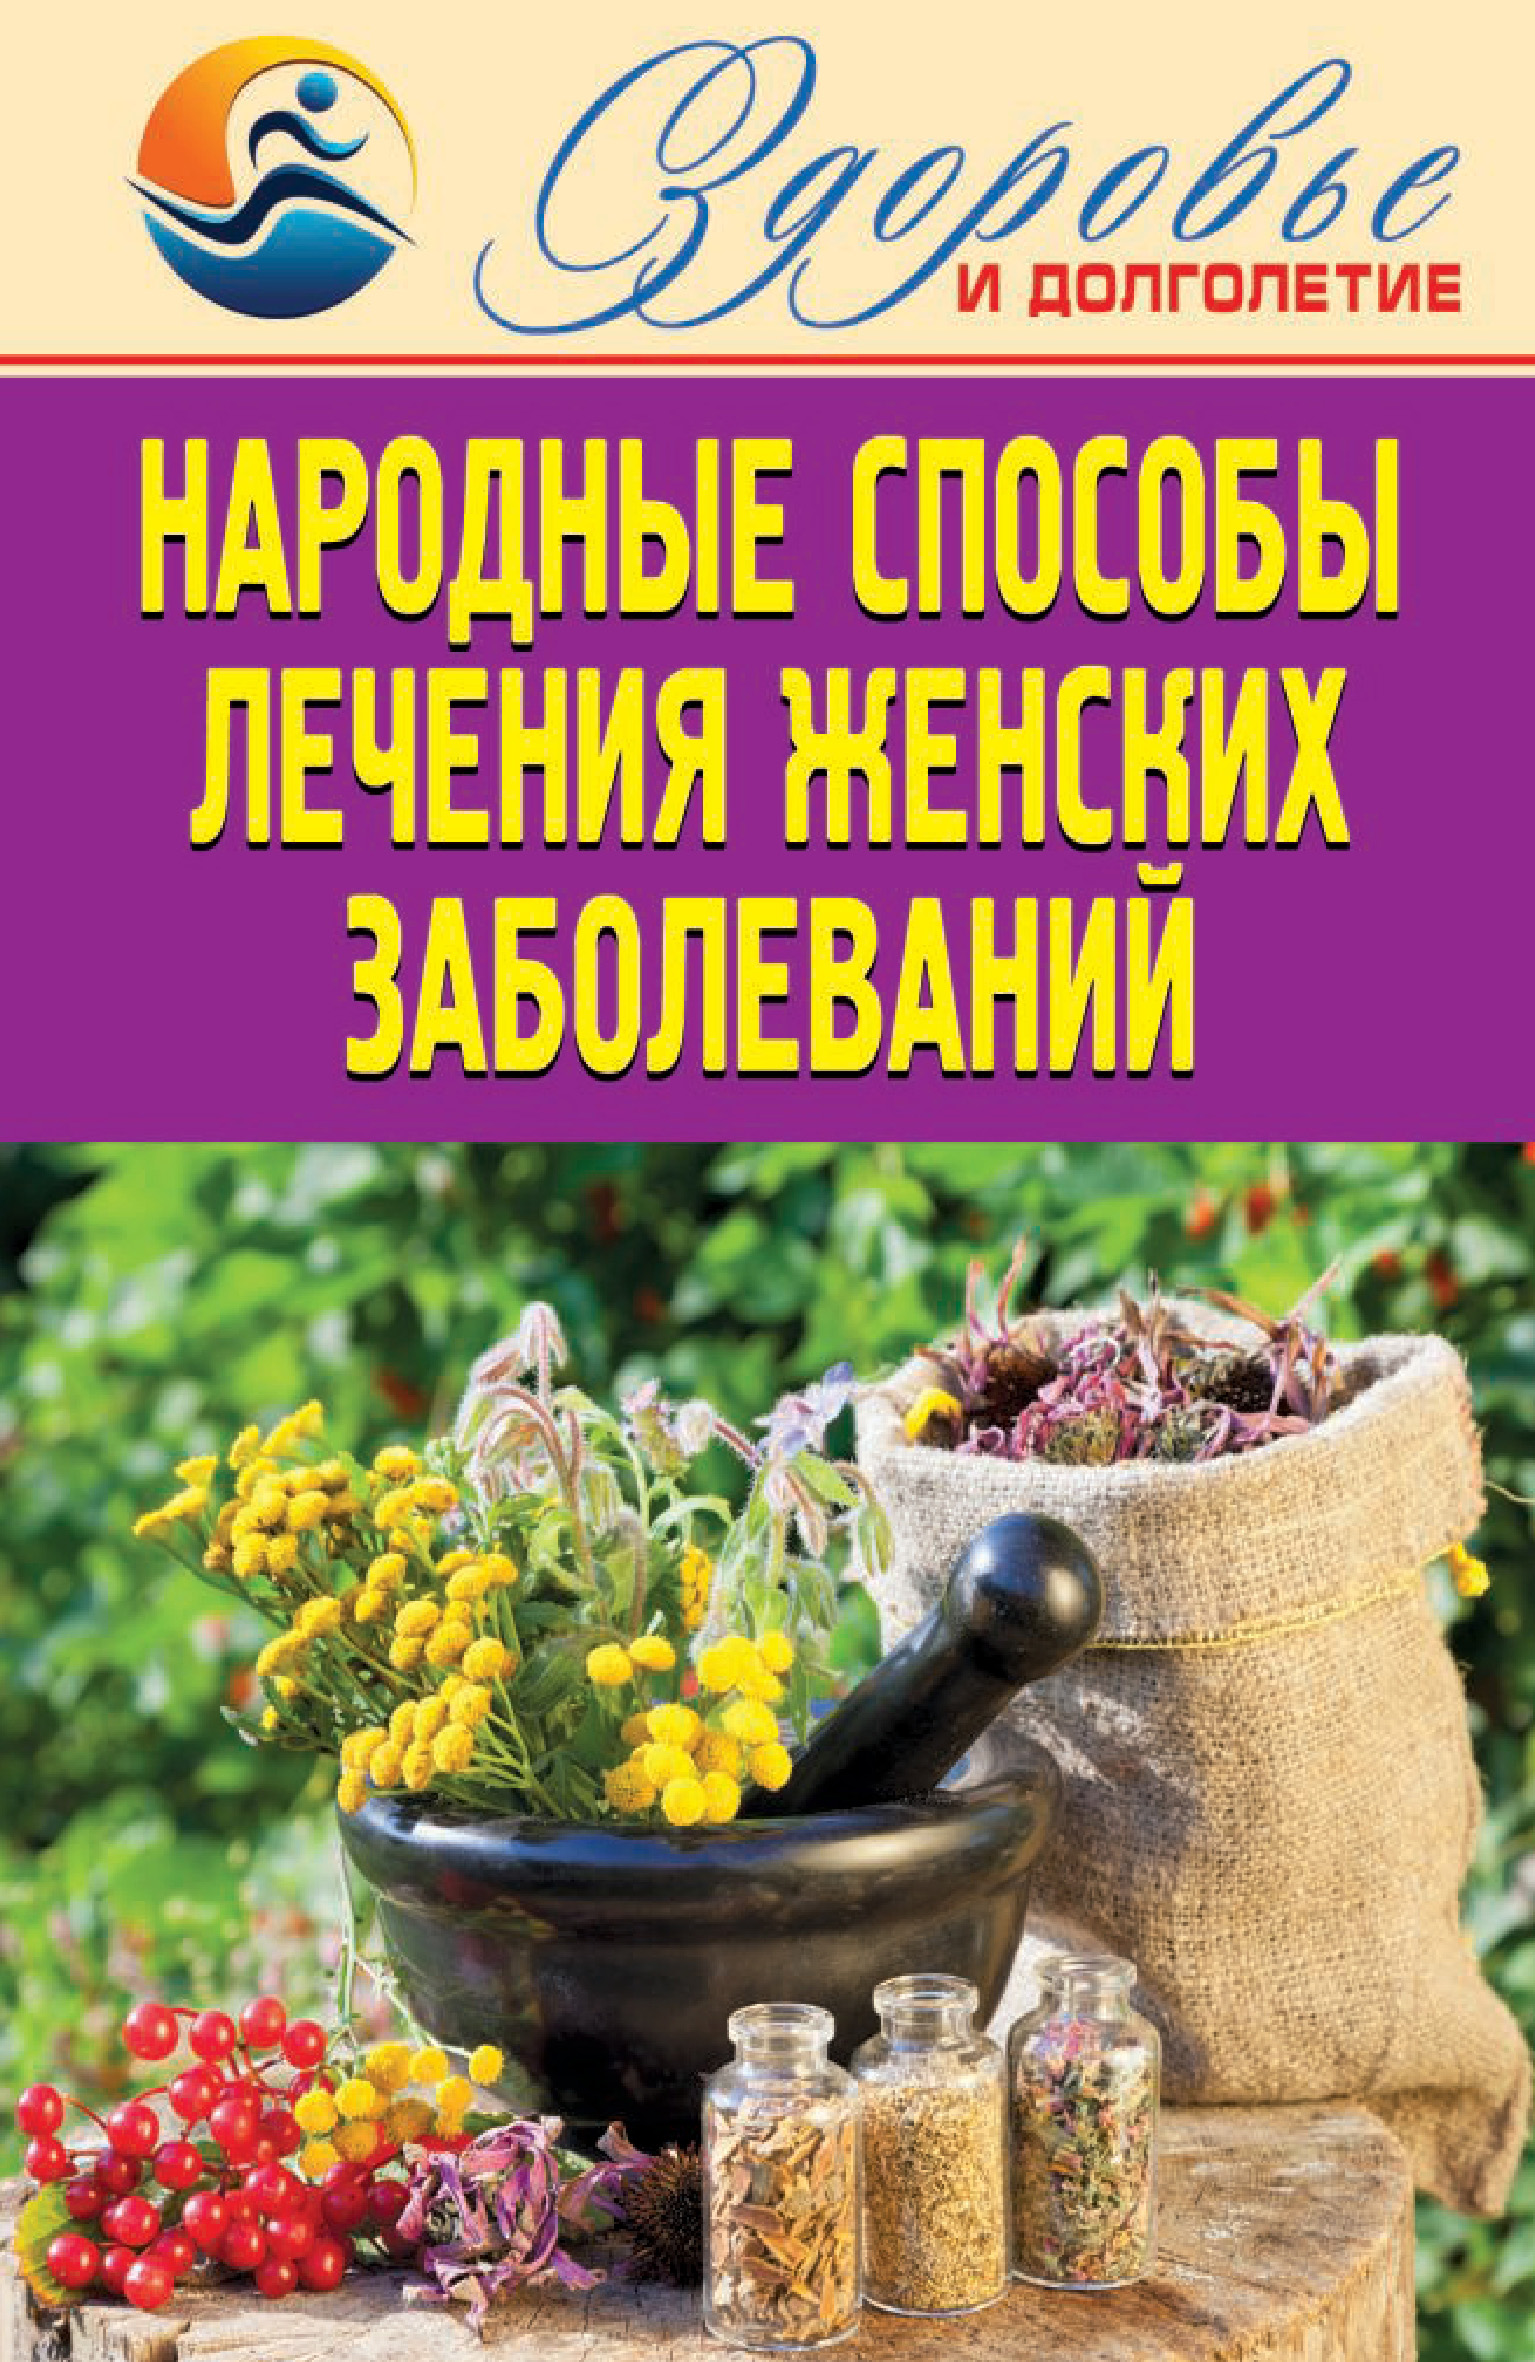 Елена Смирнова Народные способы лечения женских заболеваний кнейпп с мое водолечение для излечения болезней и поддержания здоровья